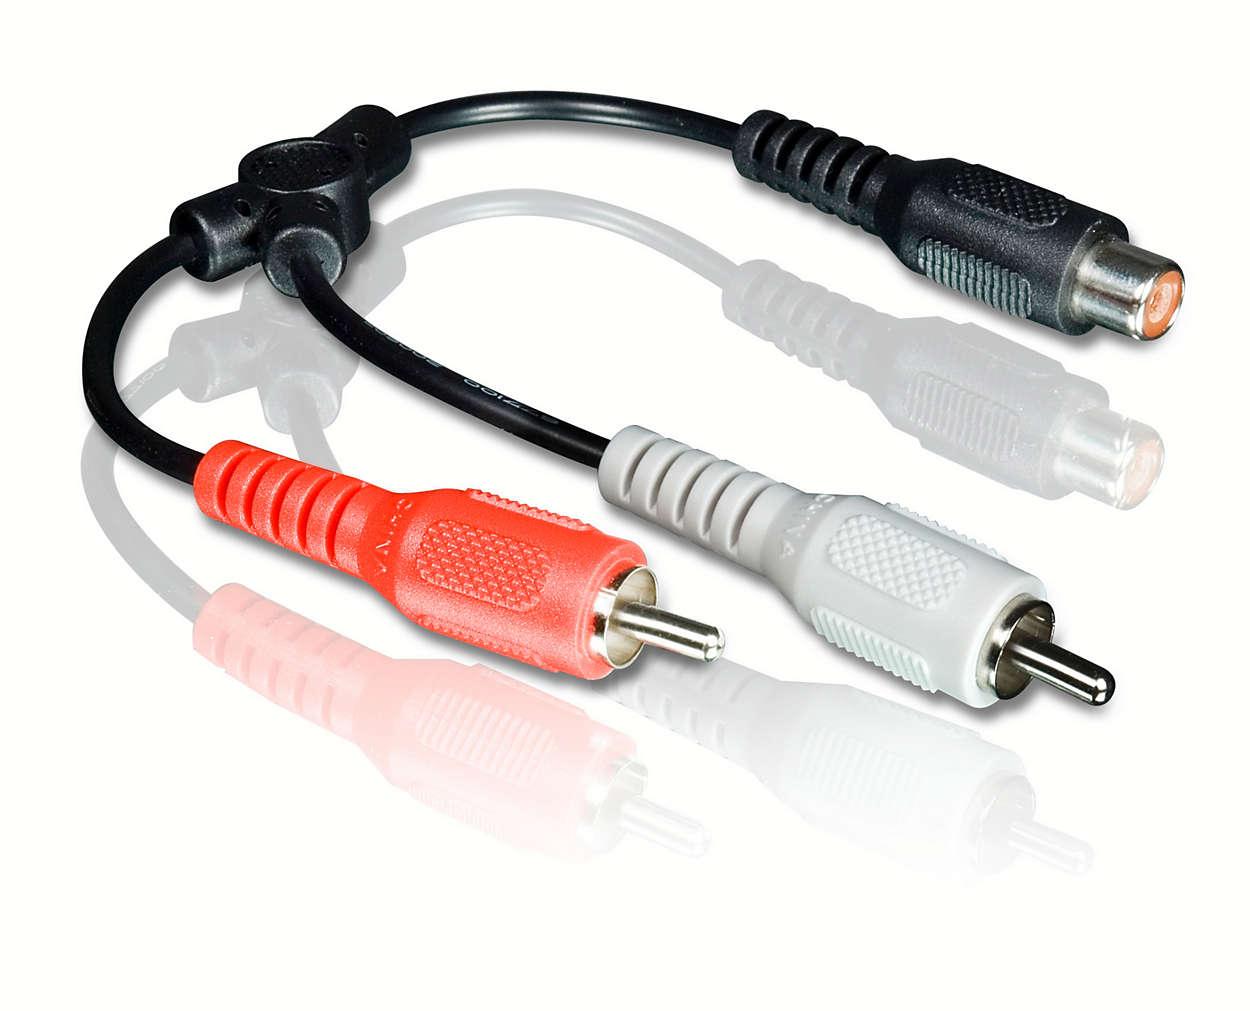 Осигурете надеждна връзка за цифров звук